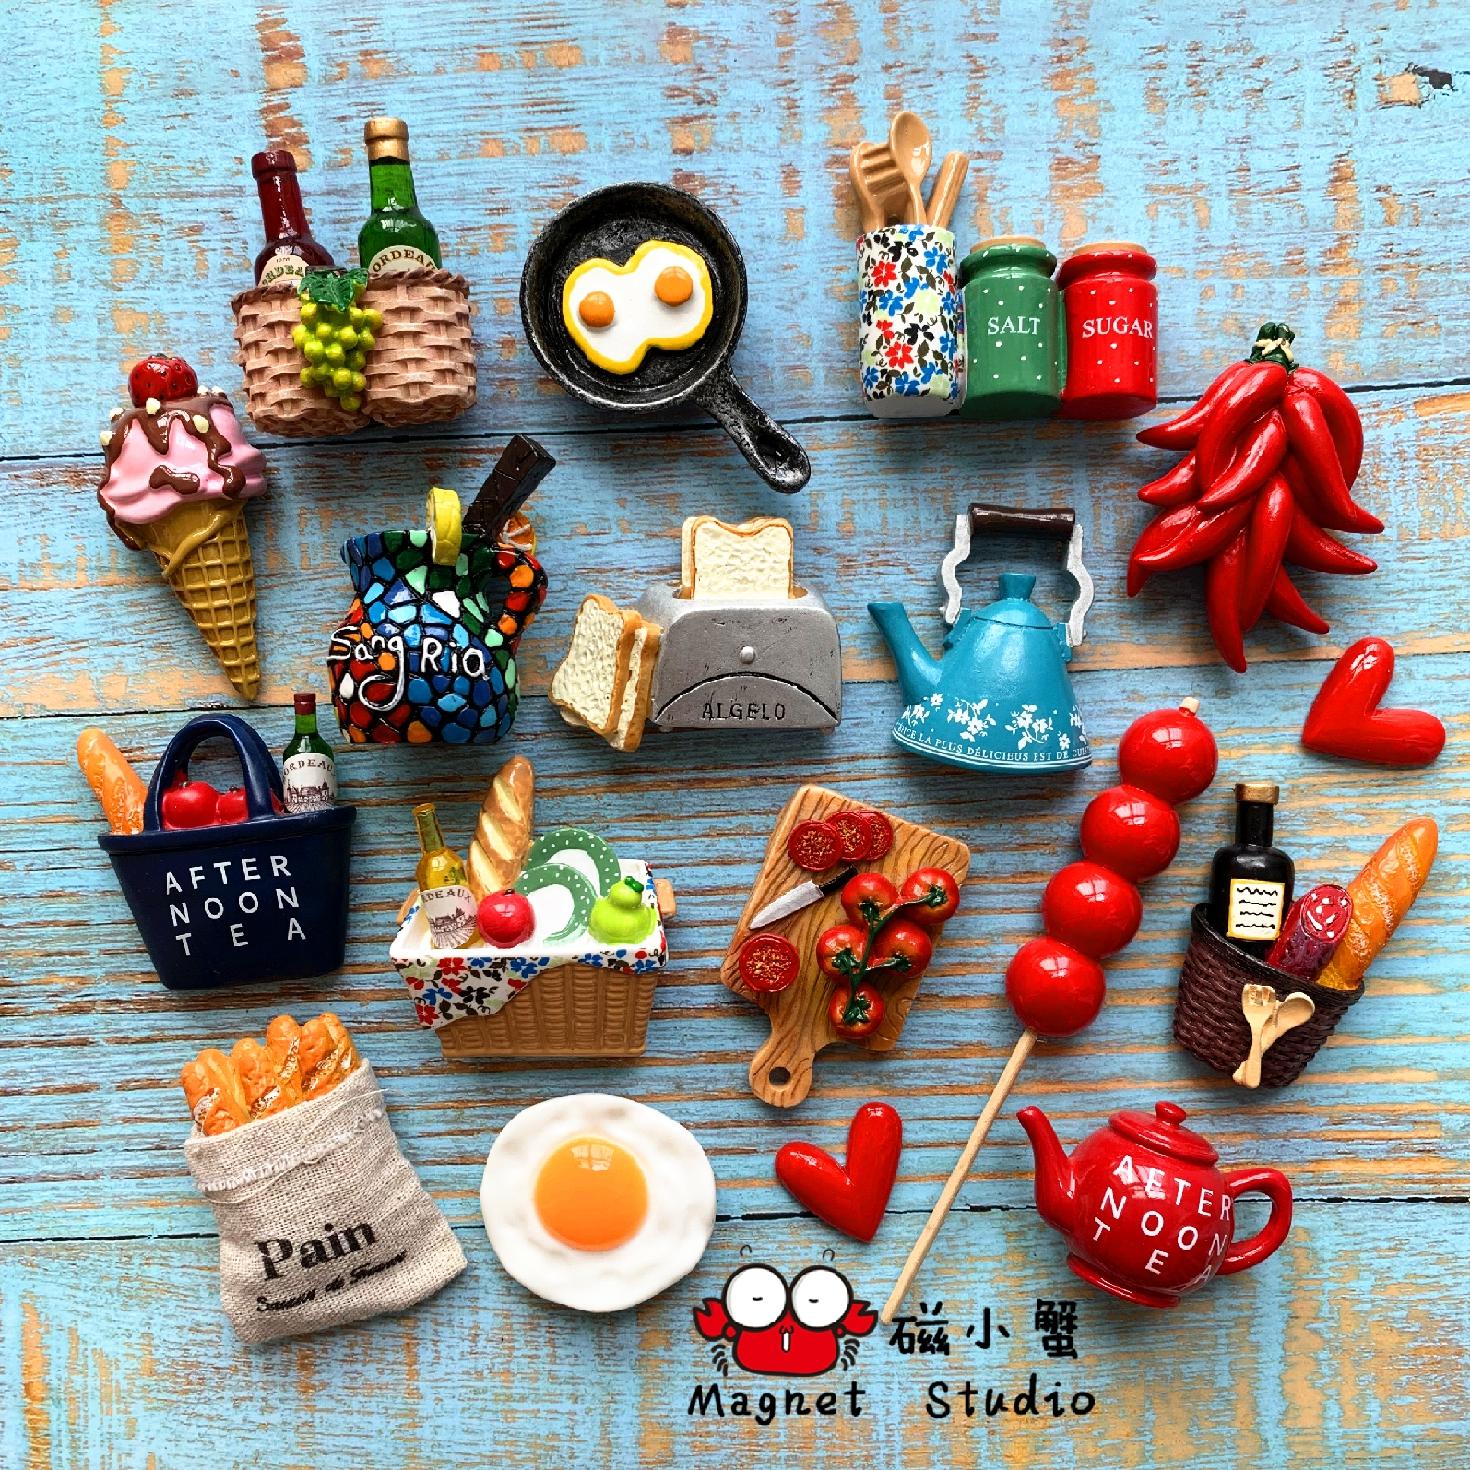 精致食物冰箱贴北欧ins风格 个性创意立体3d磁性装饰磁力贴磁铁